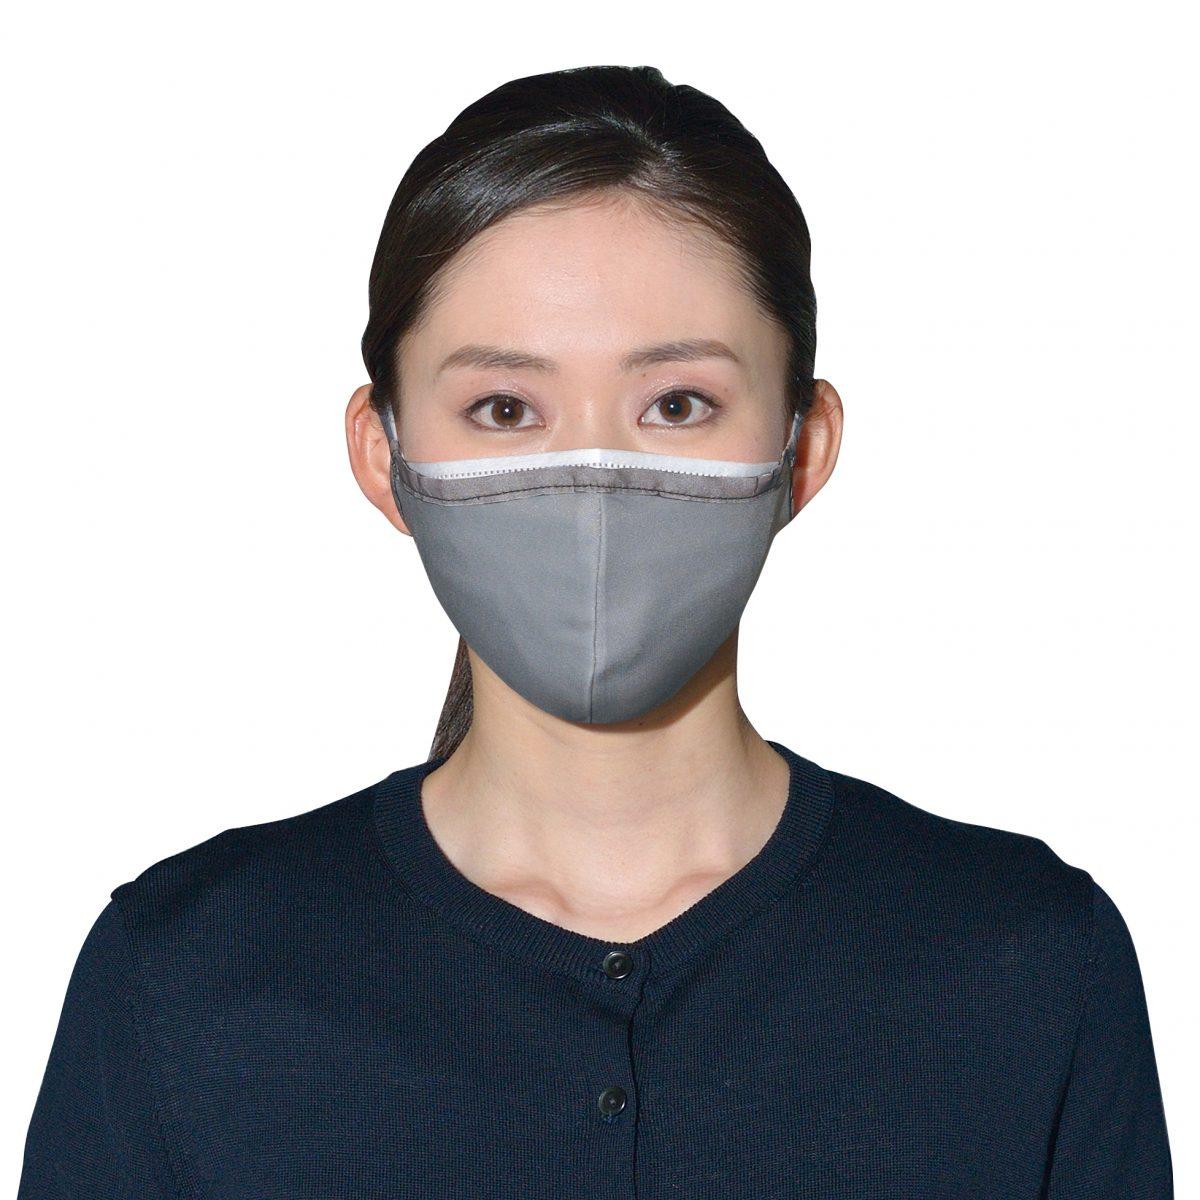 備えて安心 光りマスク